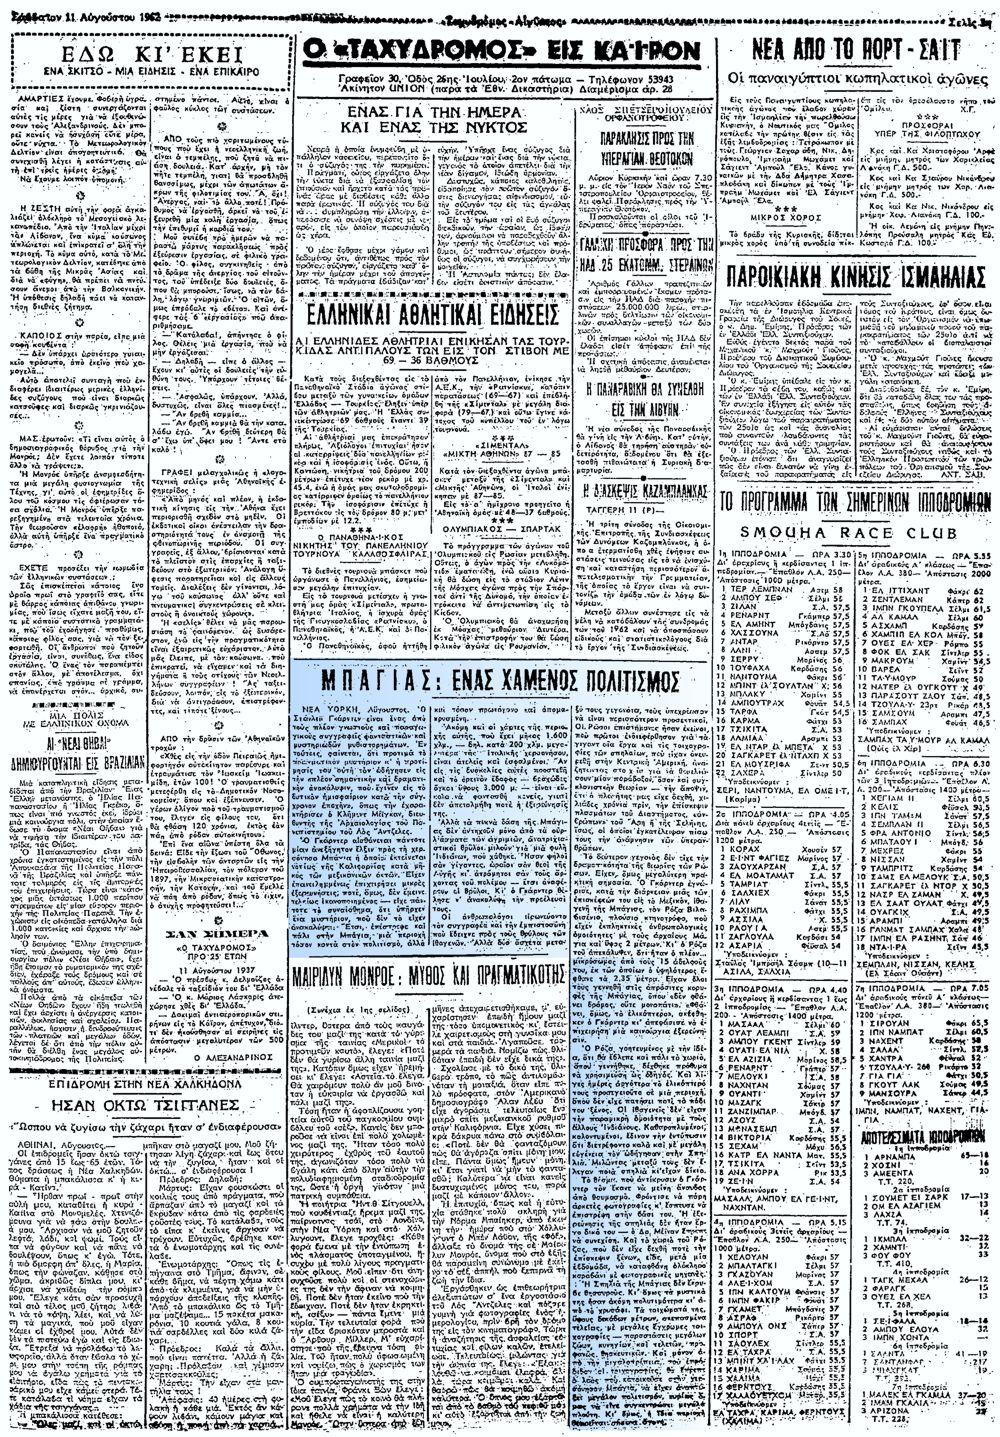 """Το άρθρο, όπως δημοσιεύθηκε στην εφημερίδα """"ΤΑΧΥΔΡΟΜΟΣ"""", στις 11/08/1962"""